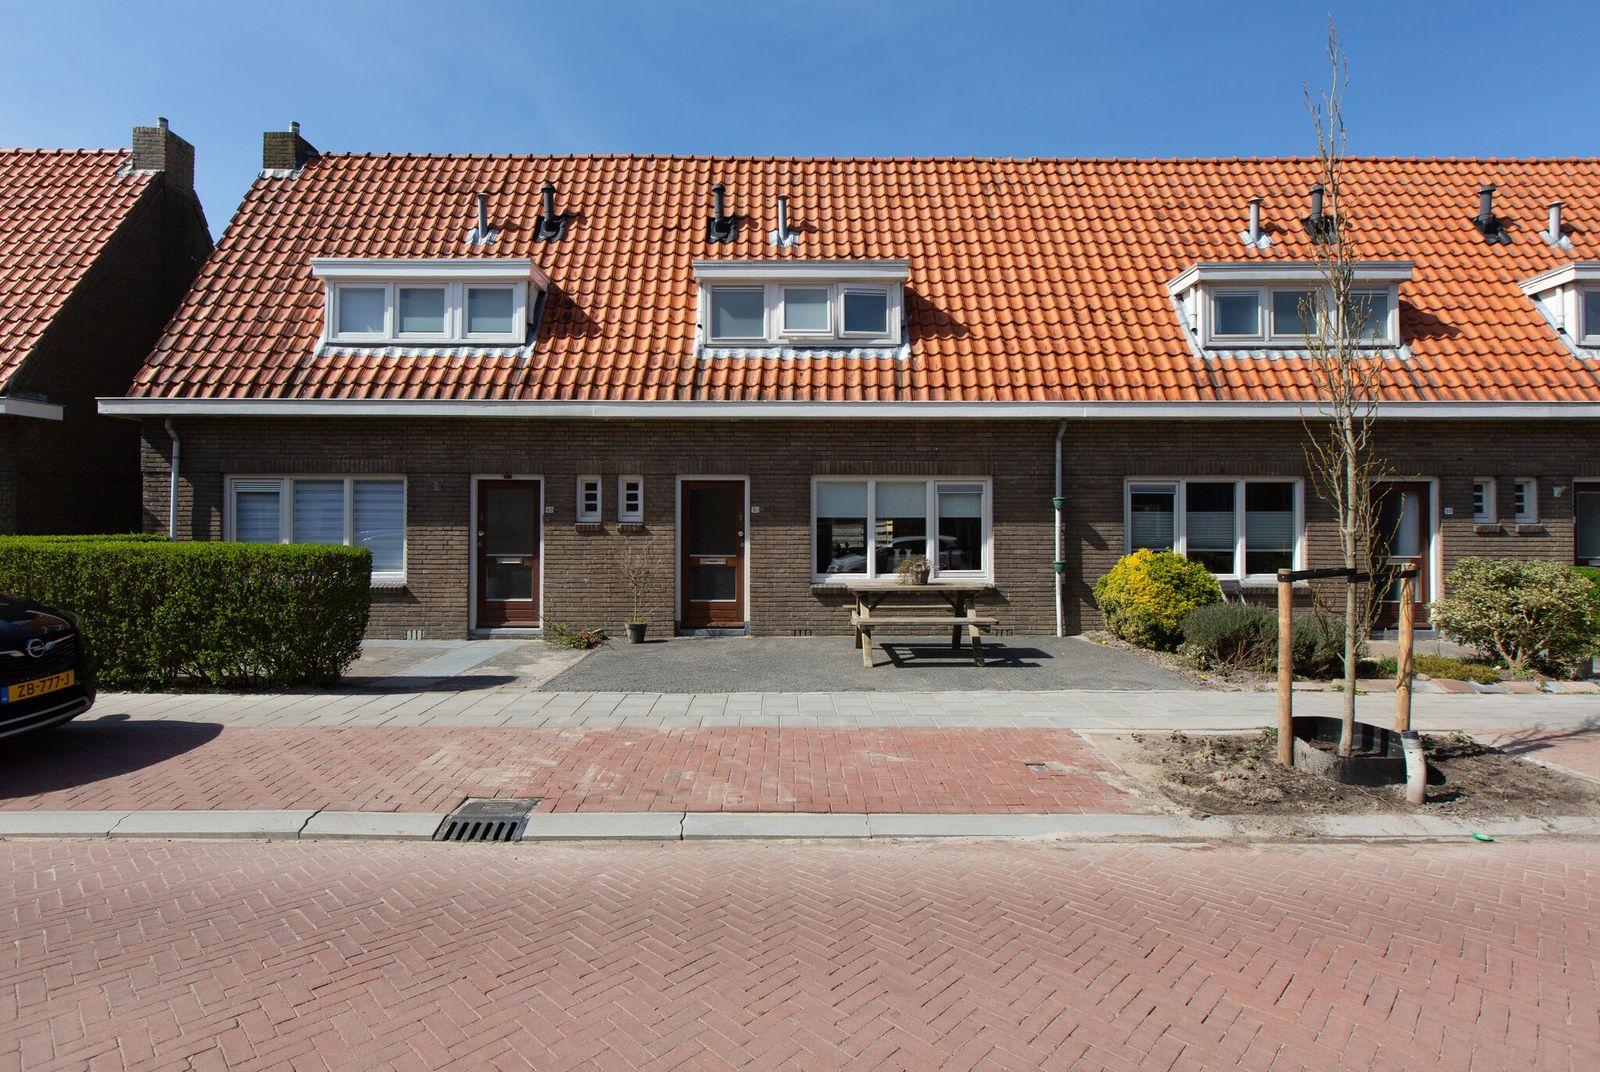 Waling Dijkstrastraat 51, Sneek